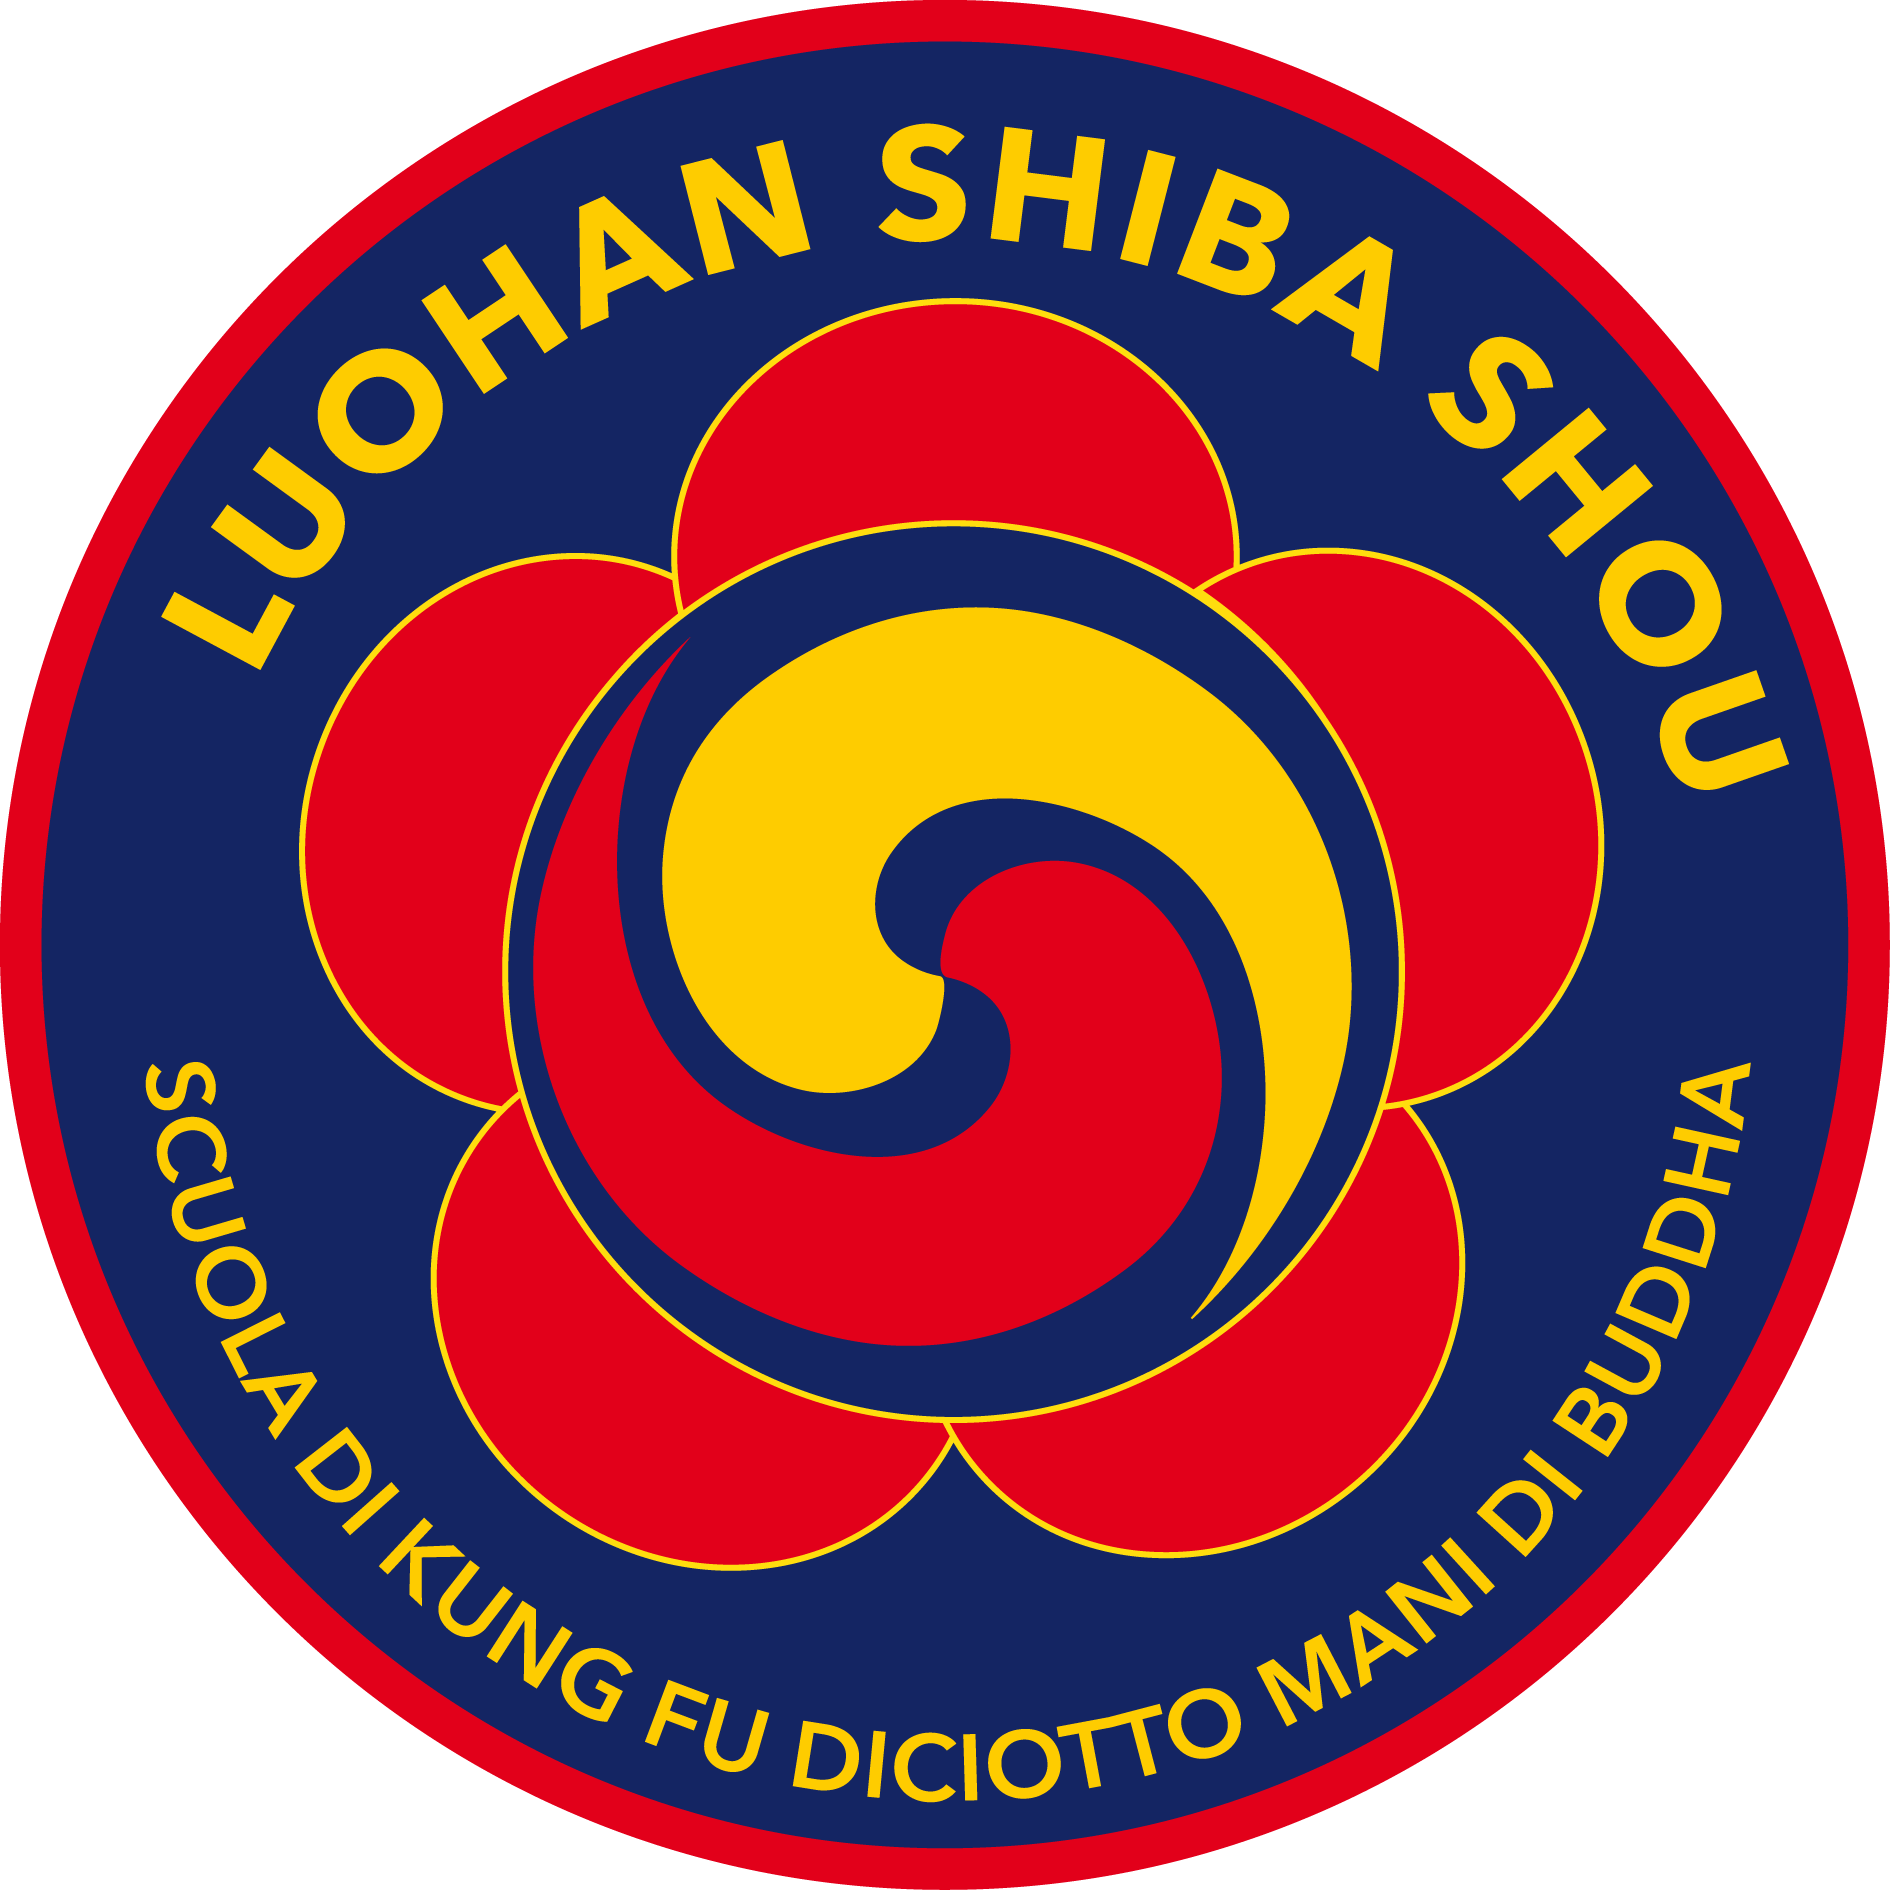 LUOHAN SHIBA SHOU